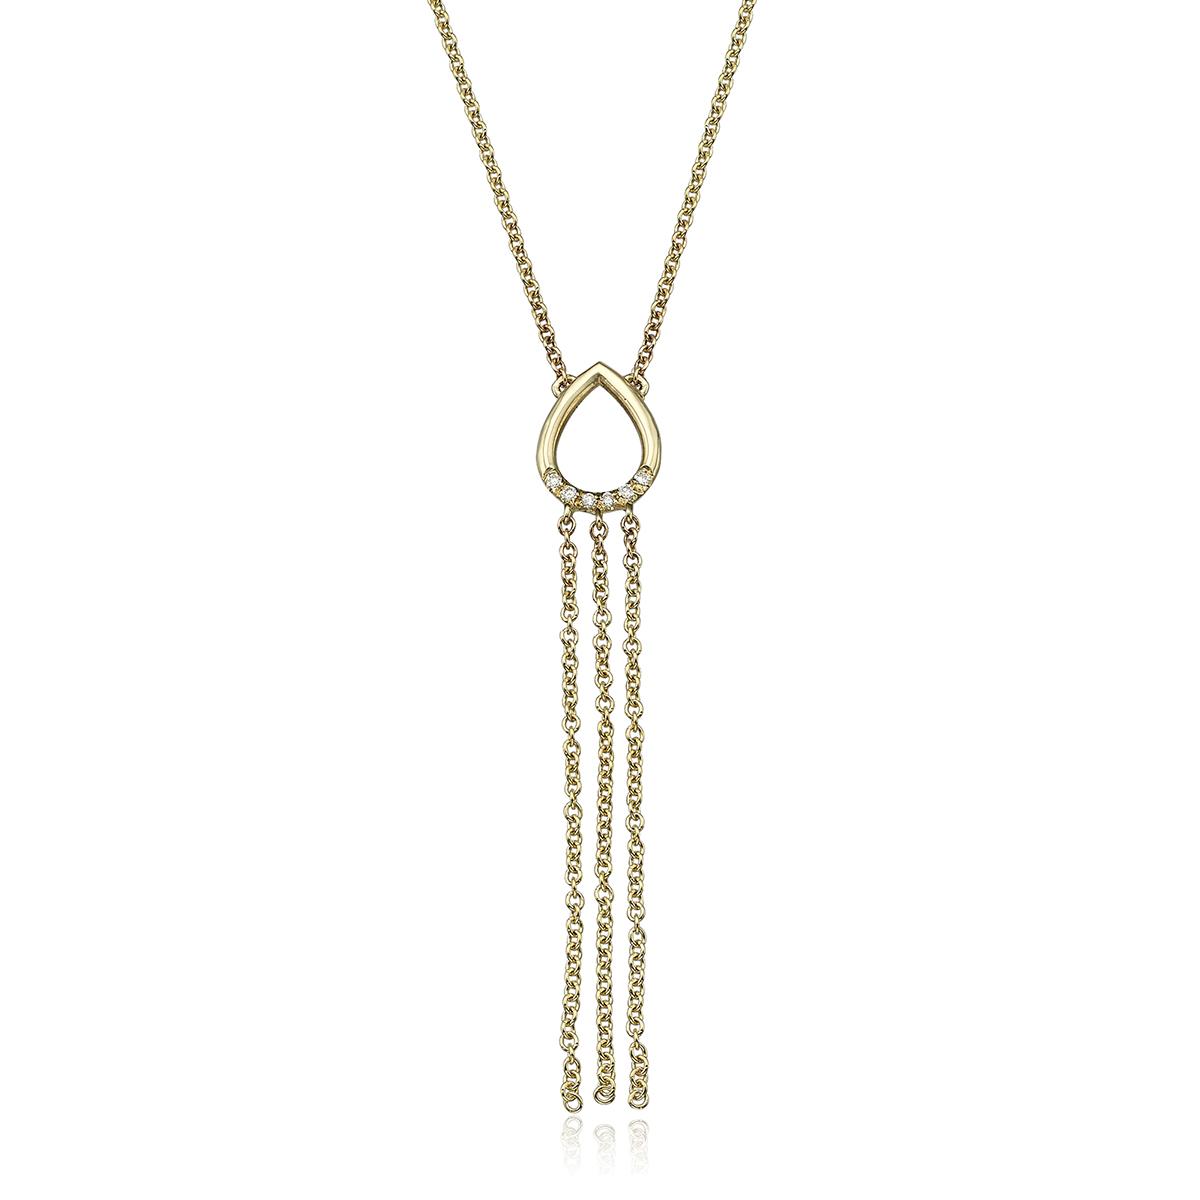 שרשרת זהב בצורת טיפה משובצת יהלומים ושרשראות מתנדנדות